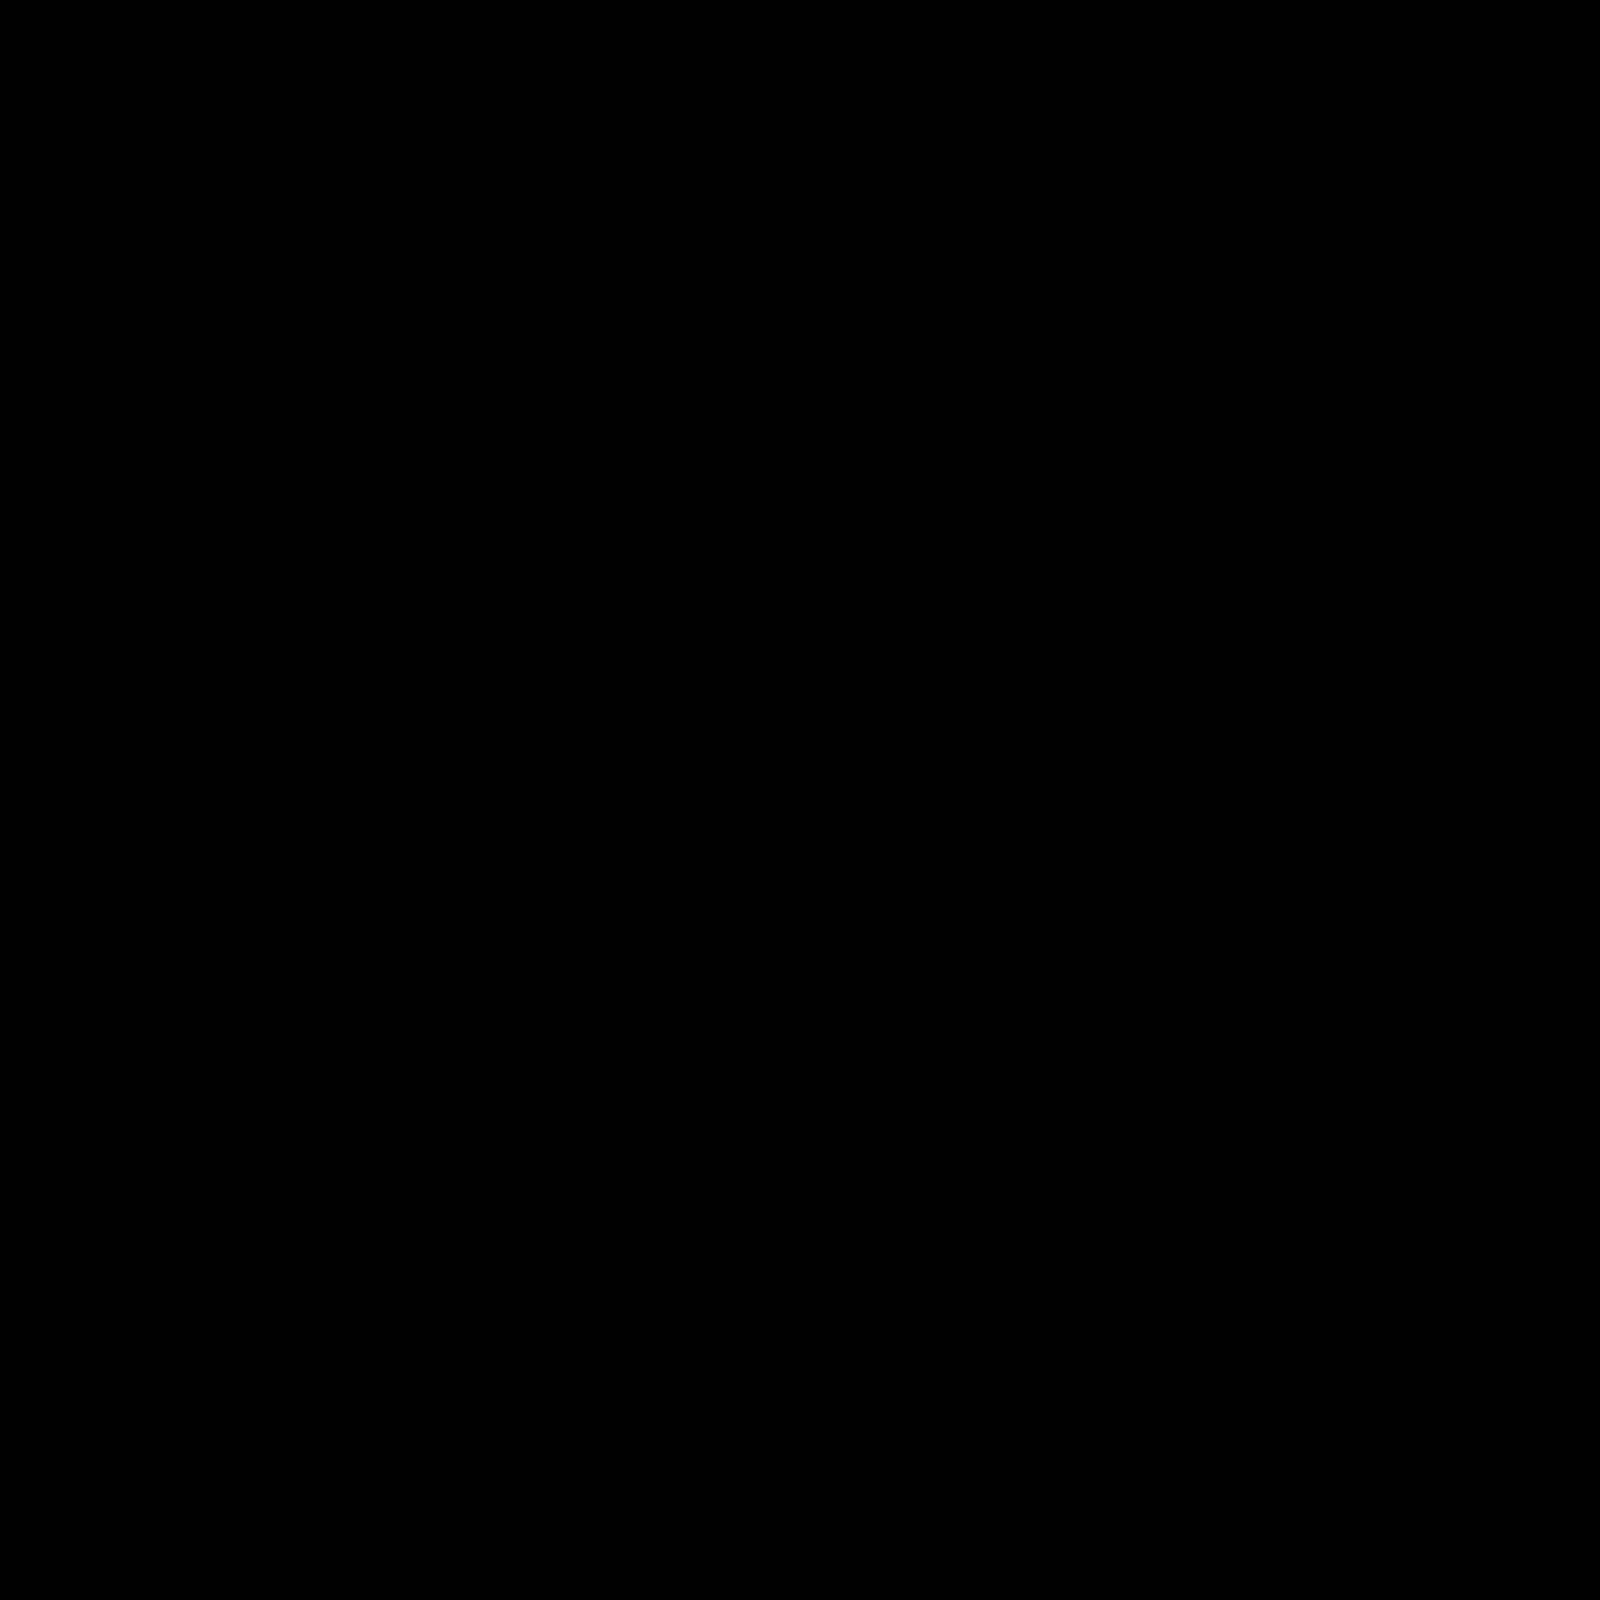 сети wifi